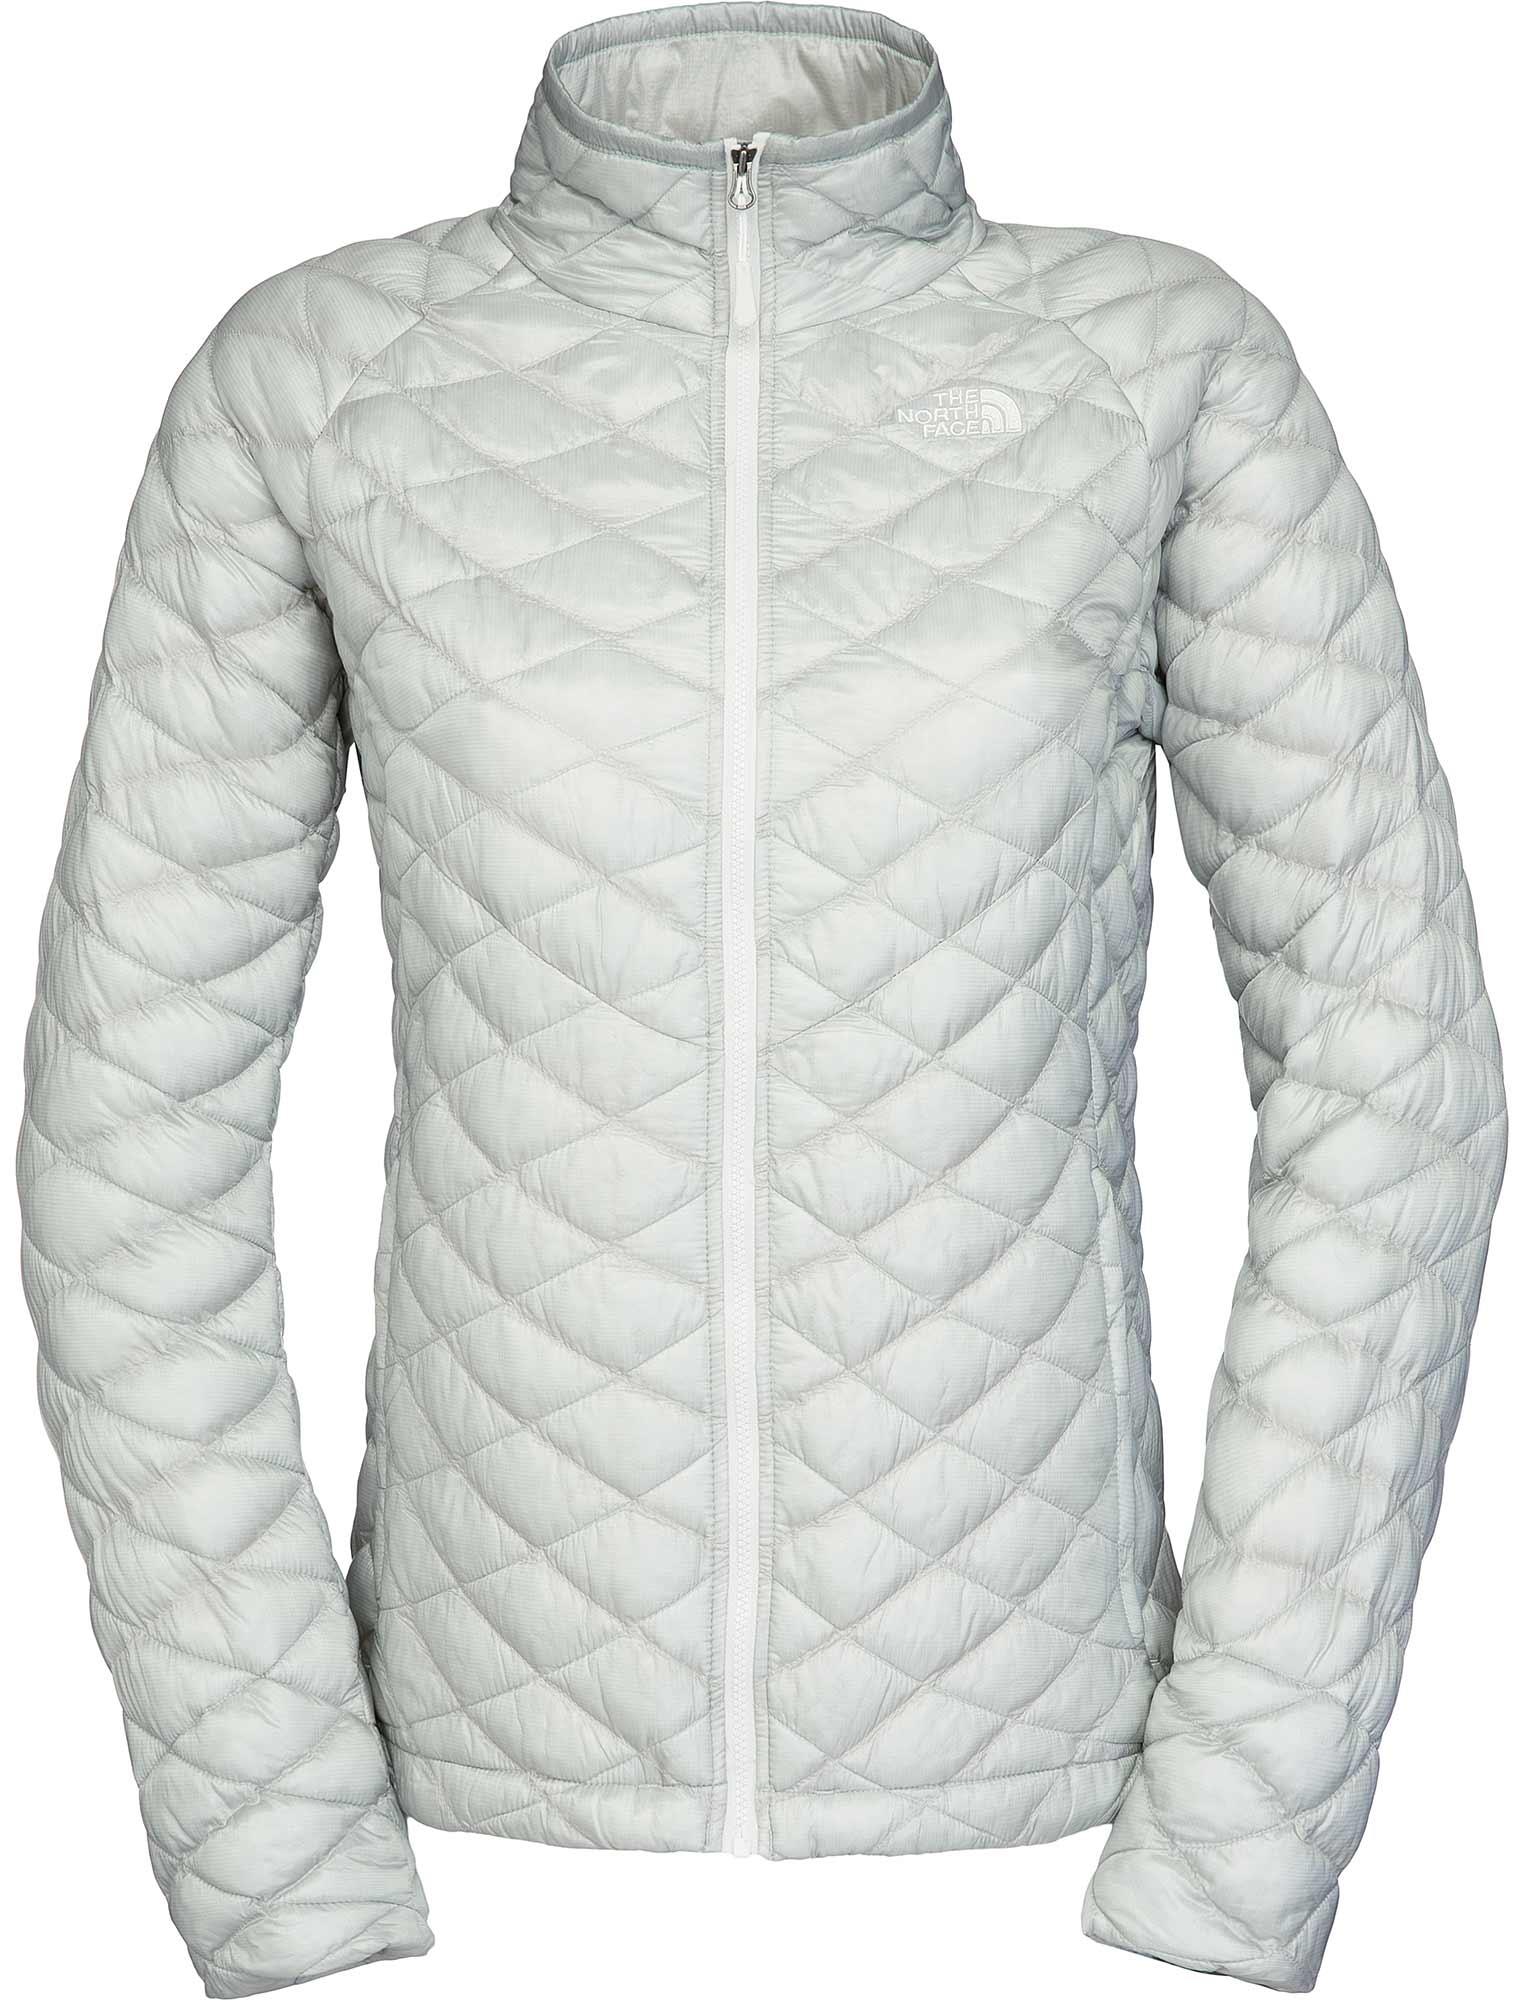 цена  The North Face Куртка утепленная женская The North Face Thermoball  онлайн в 2017 году